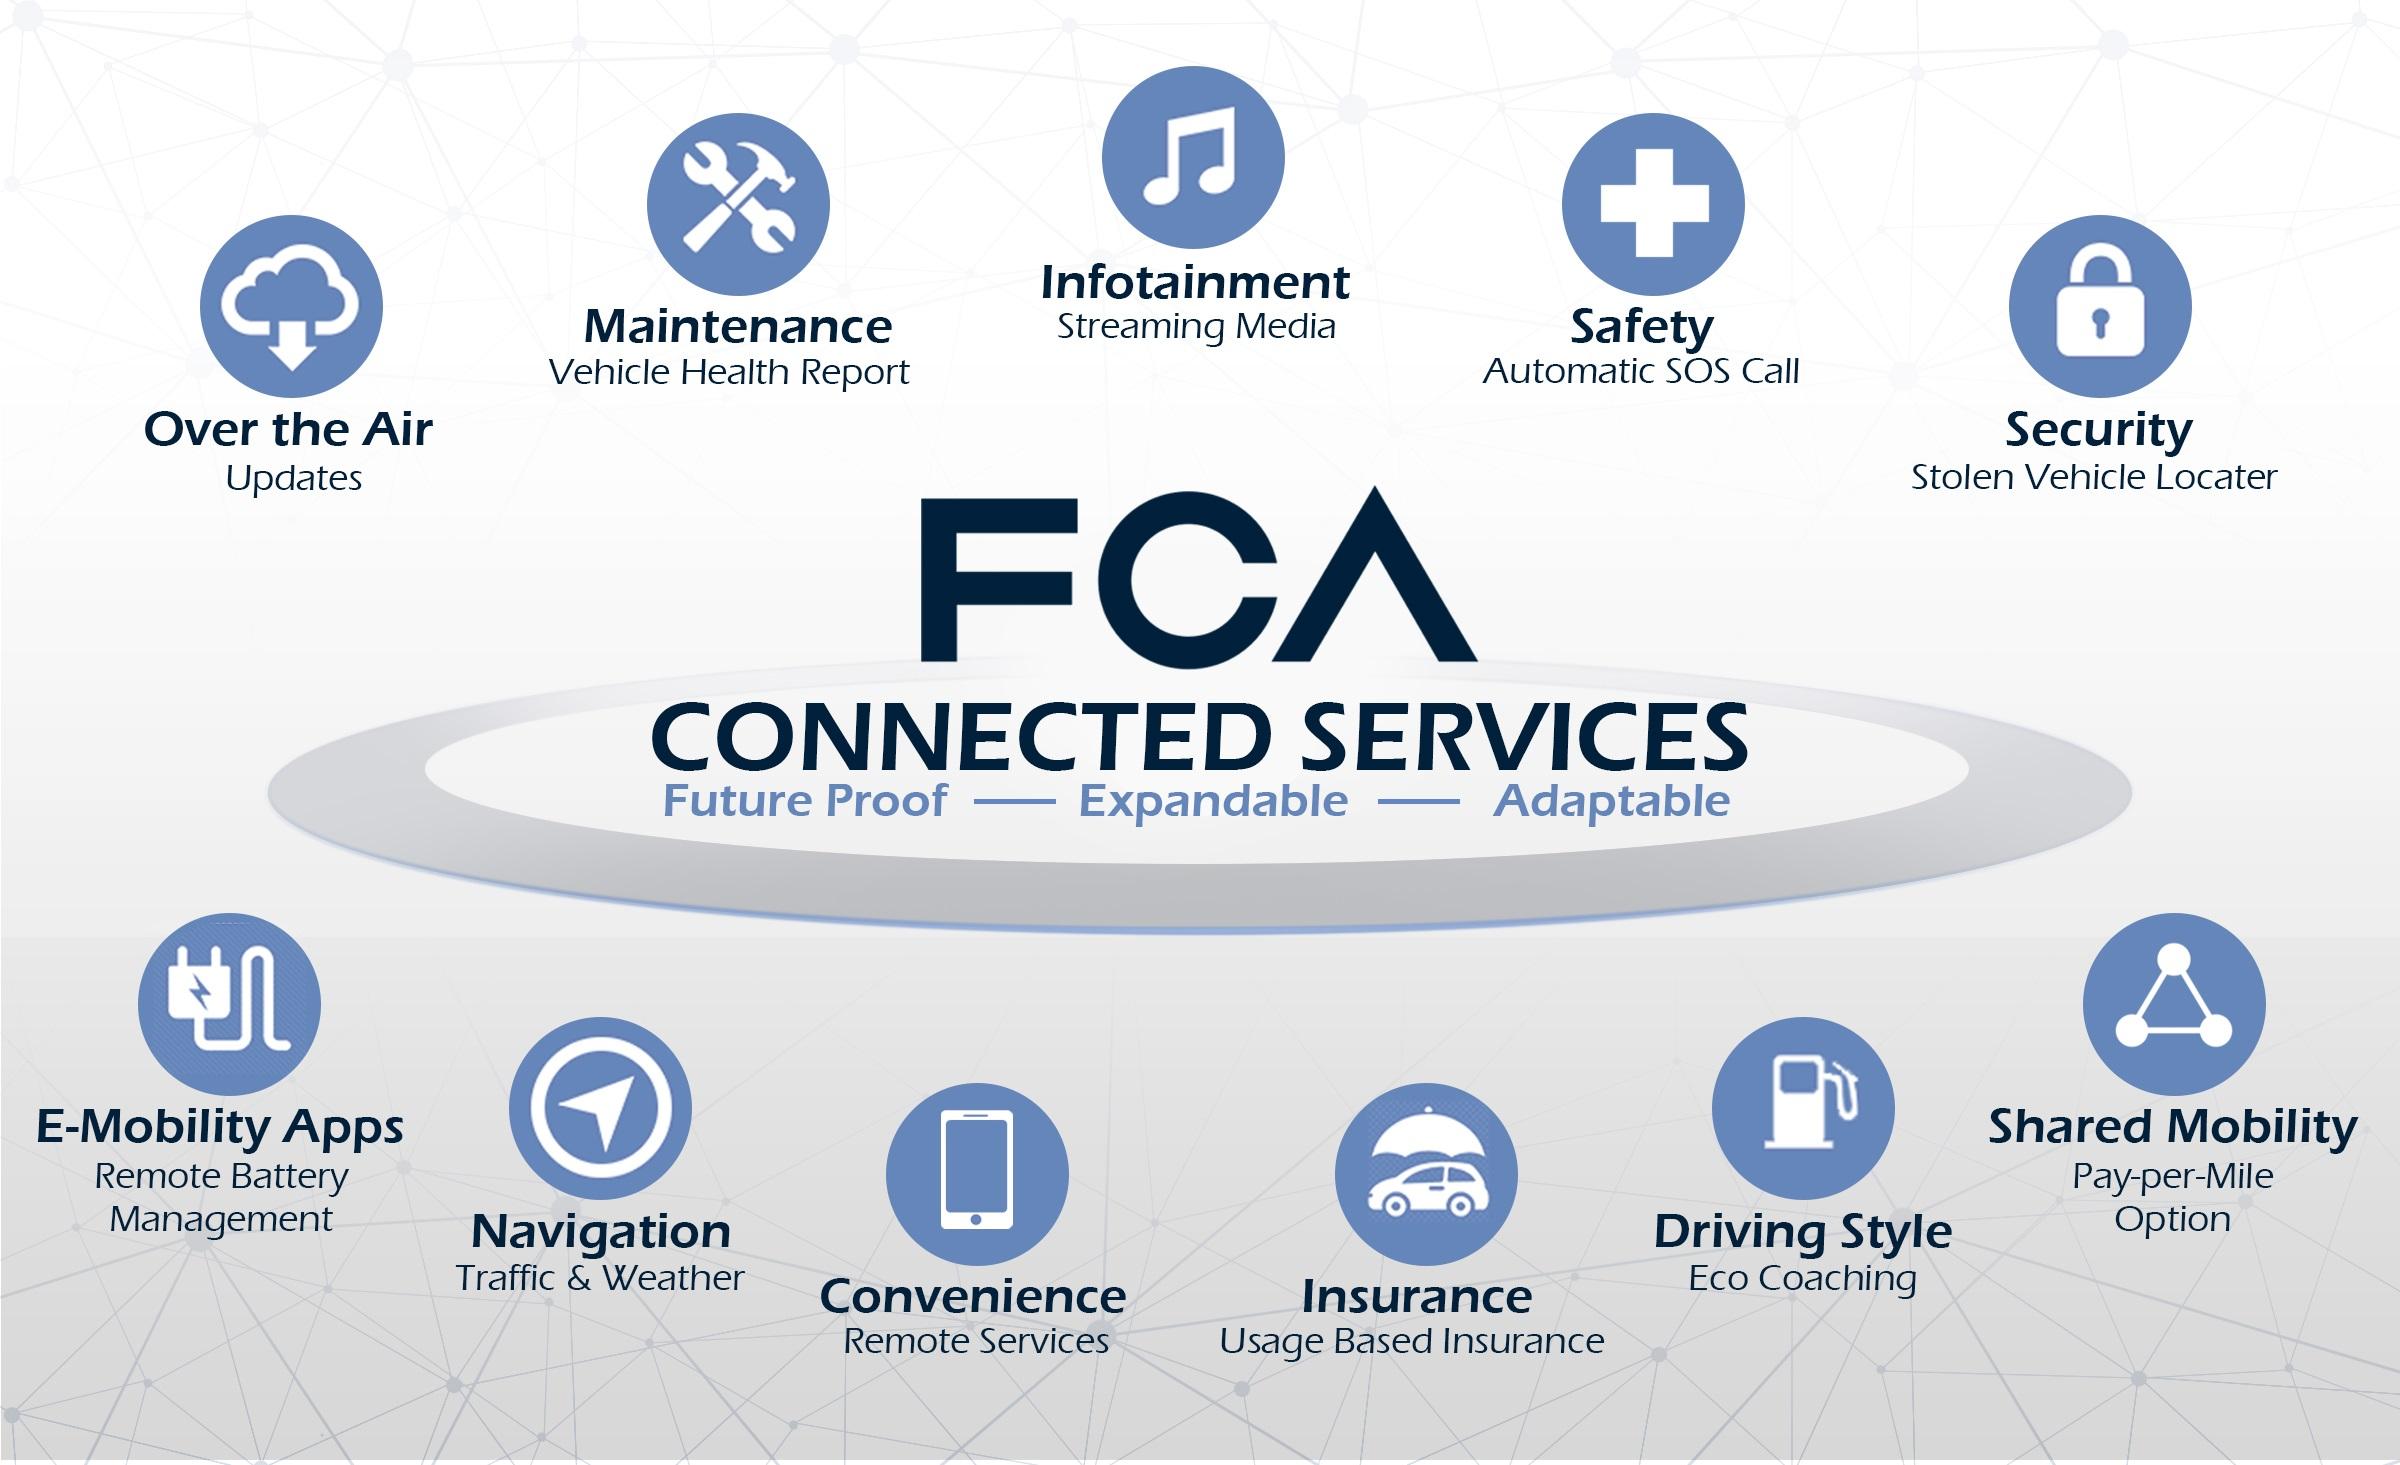 fca_connected_servicesgrpqnporaap9qrrsqb9q38450p